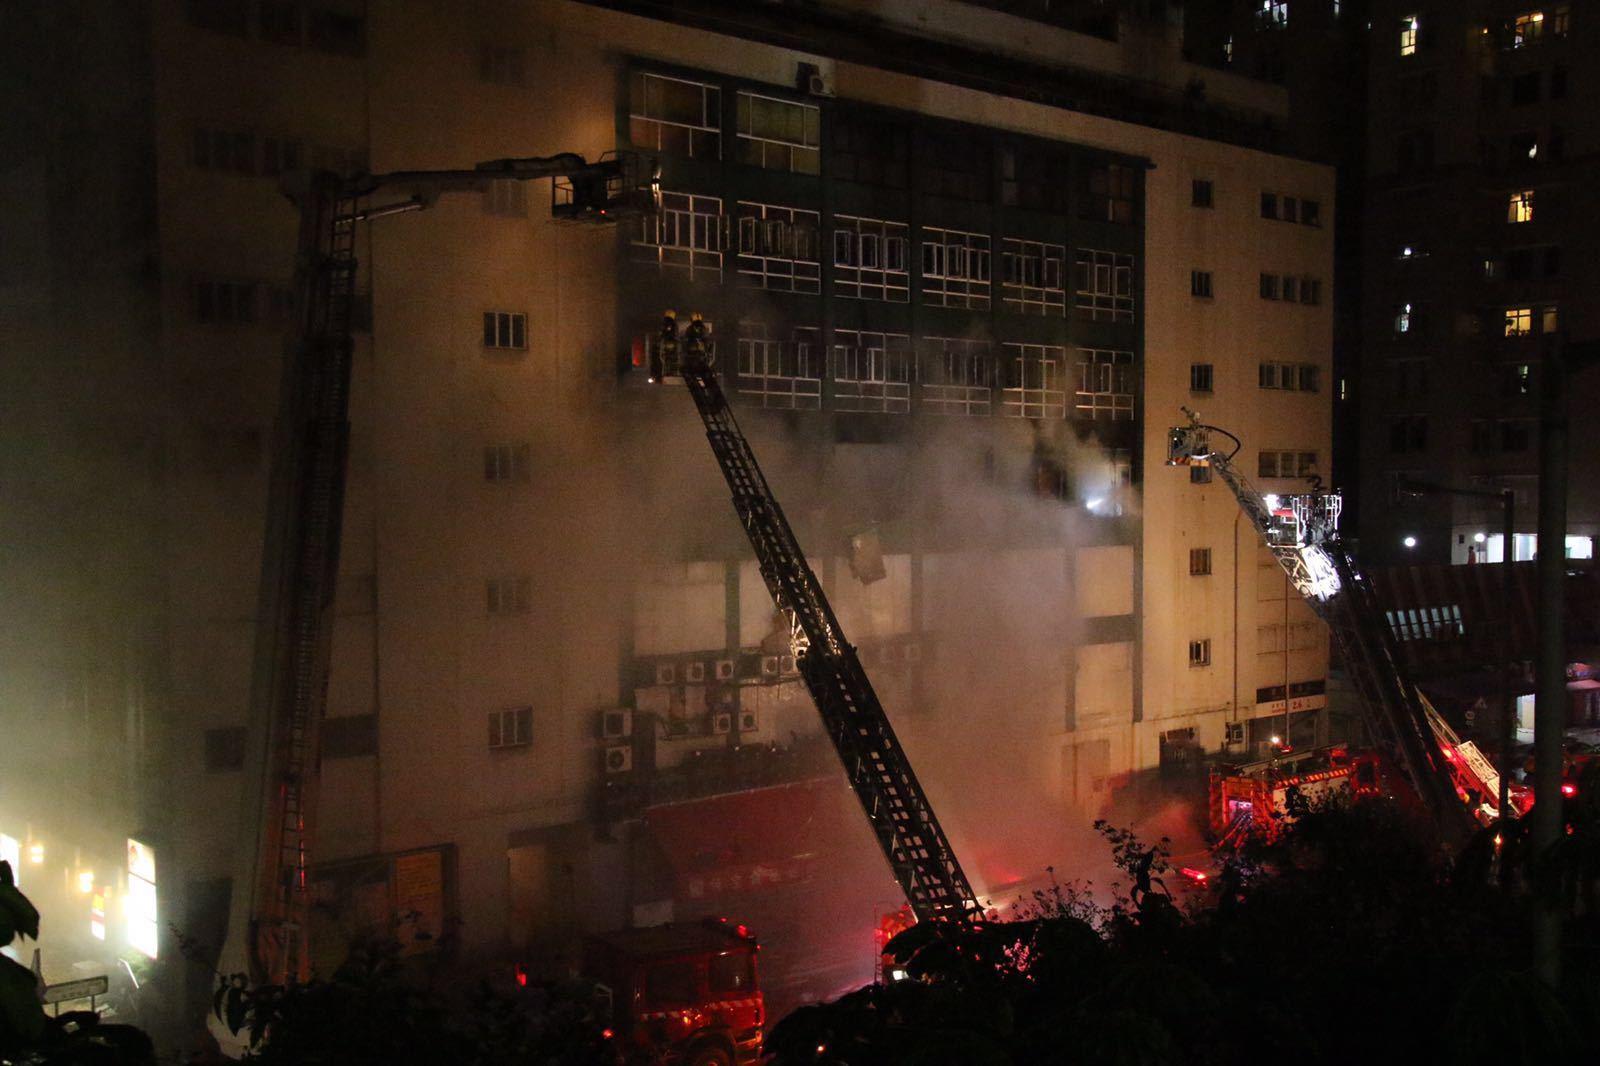 九龍灣時昌迷你倉四級火發生超過一日一夜,消防員昨晚仍在現場灌救。(IMAG提供/Dennis Law攝影)